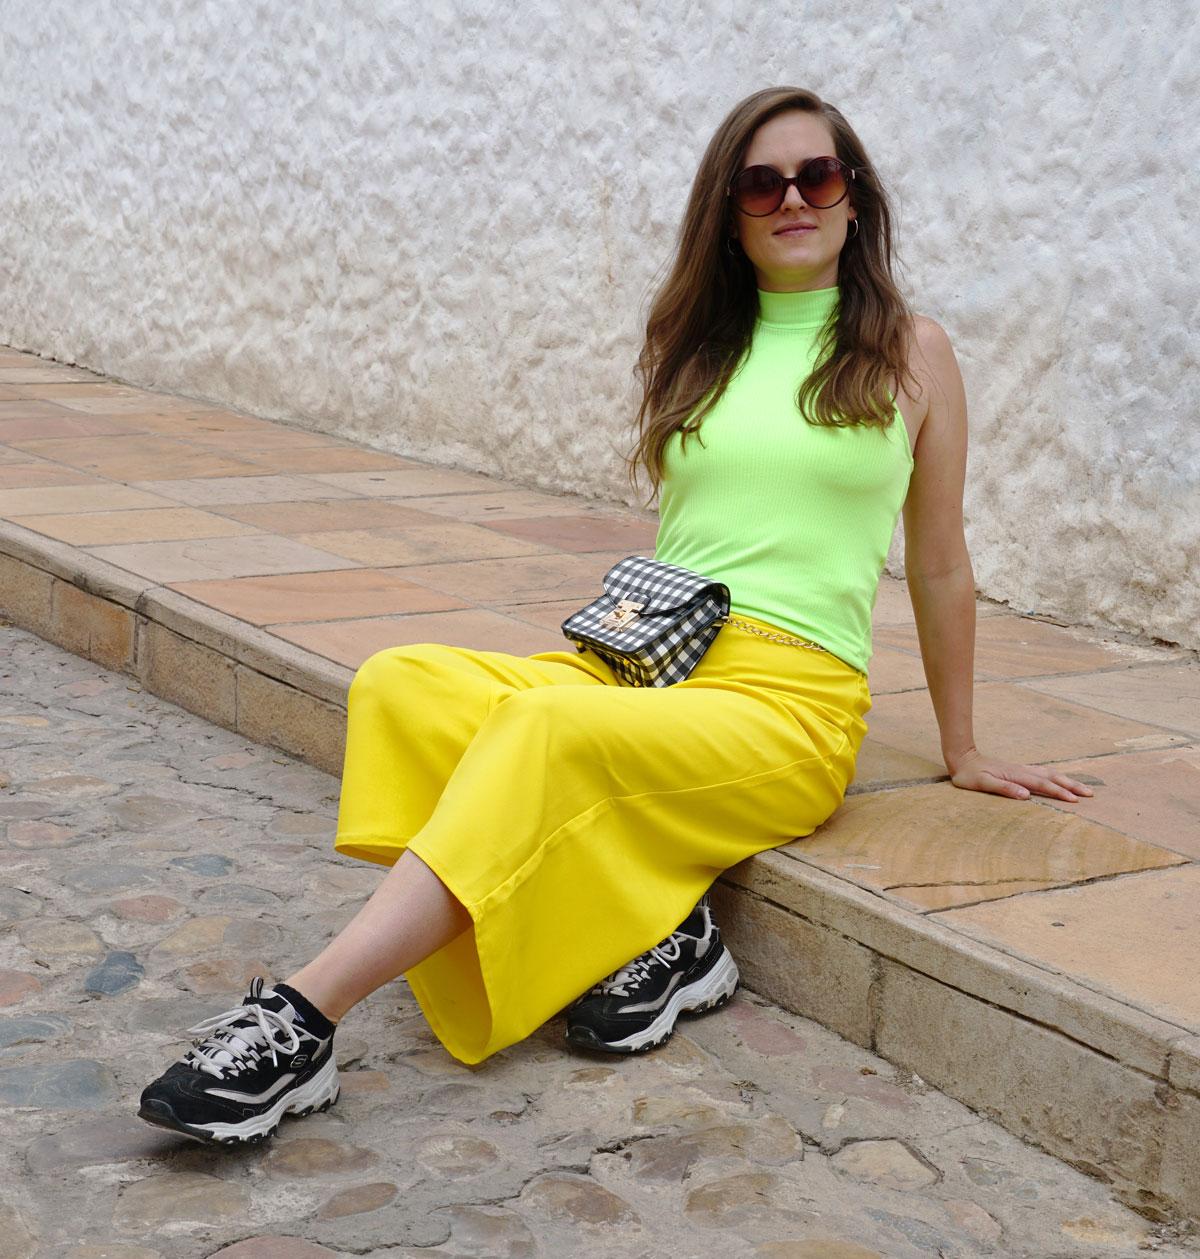 Sonnengelbe Hosen kombiniert mit einem Neongrünen Top. Dazu sneakers von Skechers und einen karierte Tasche von Aldo.